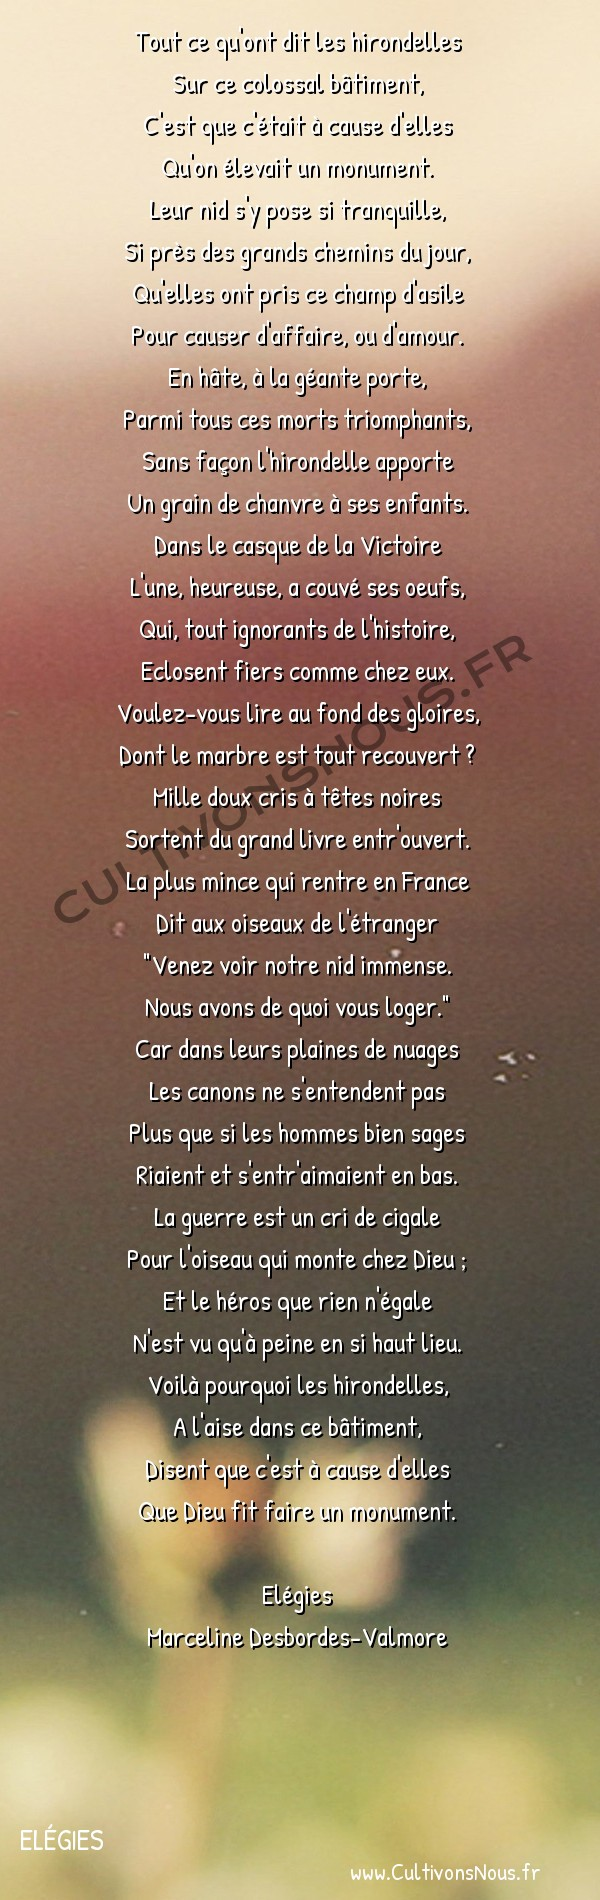 Poésie Marceline Desbordes-Valmore - Elégies - Un arc de triomphe -  Tout ce qu'ont dit les hirondelles Sur ce colossal bâtiment,